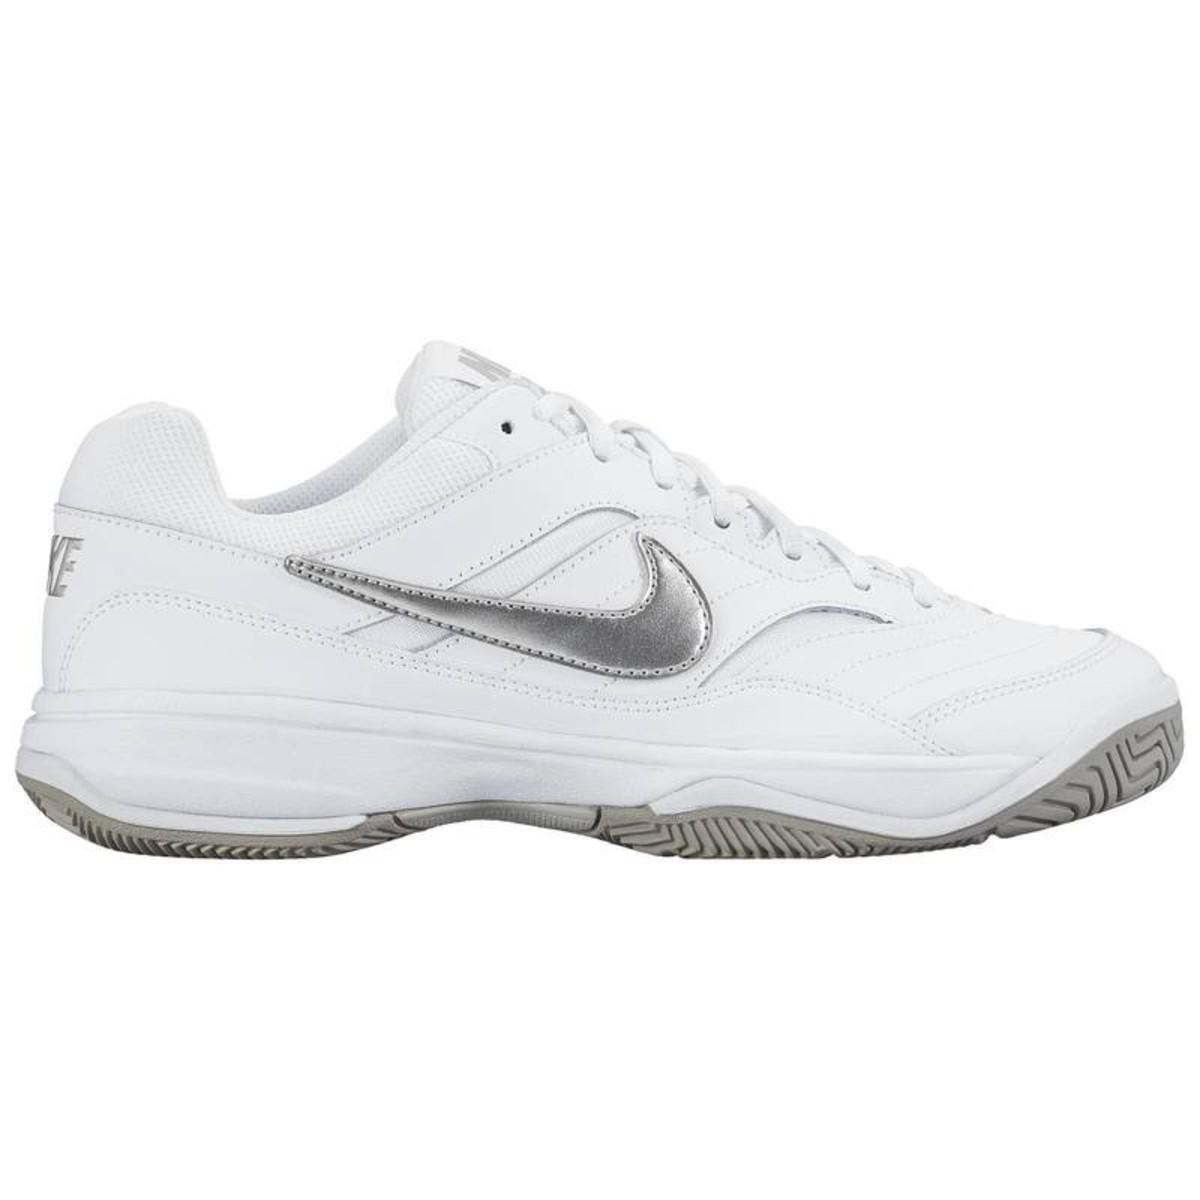 Bild 1 von NIKE Tennisschuhe Court Lite Multicourt Damen weiß/grau, Größe: 36